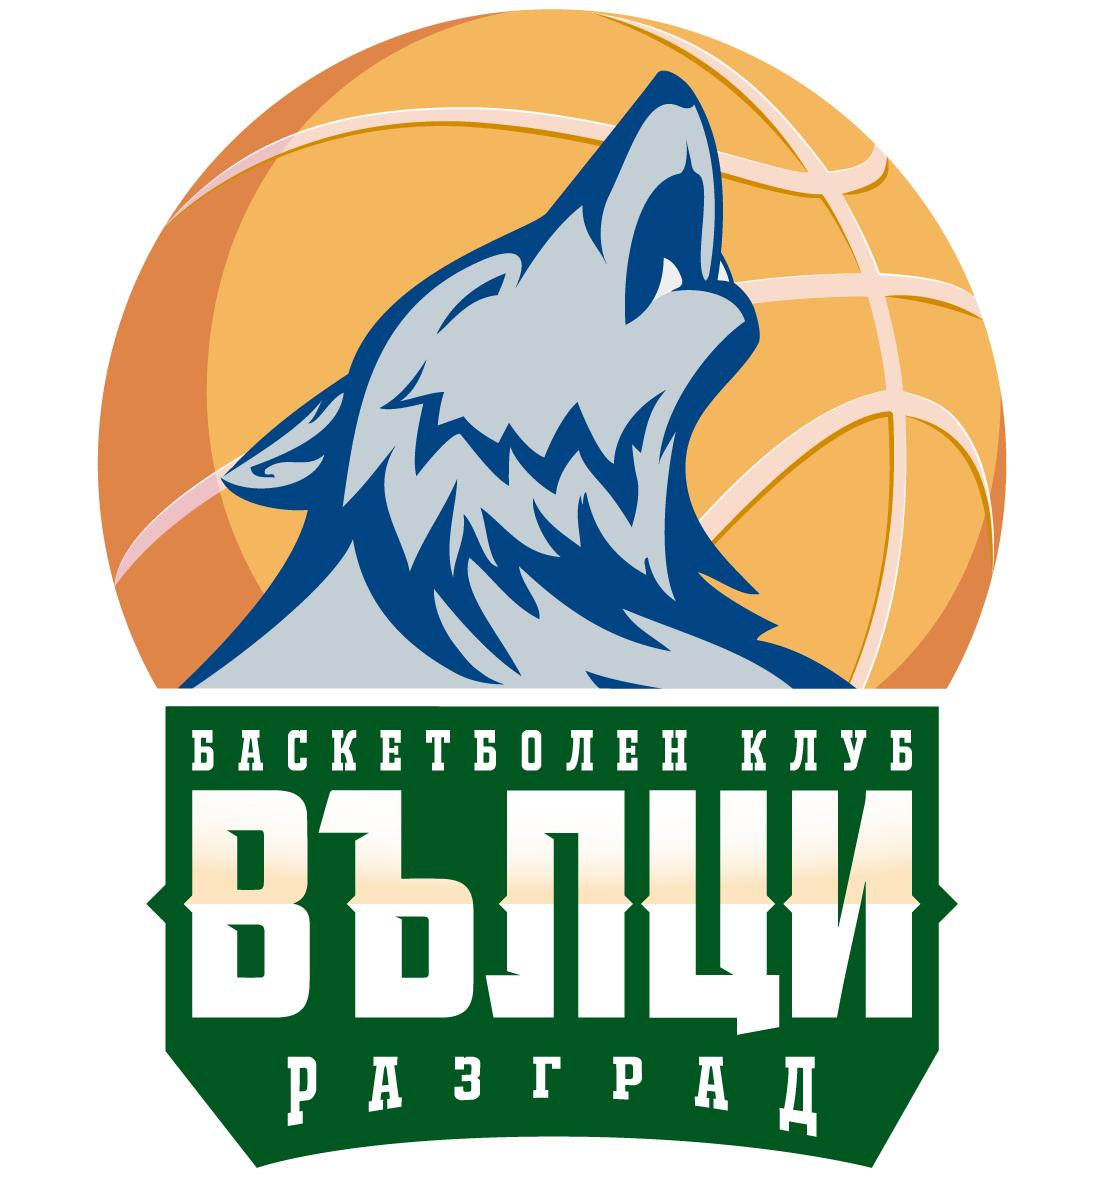 Създадоха нов баскетболен клуб в Разград, първите откр ...